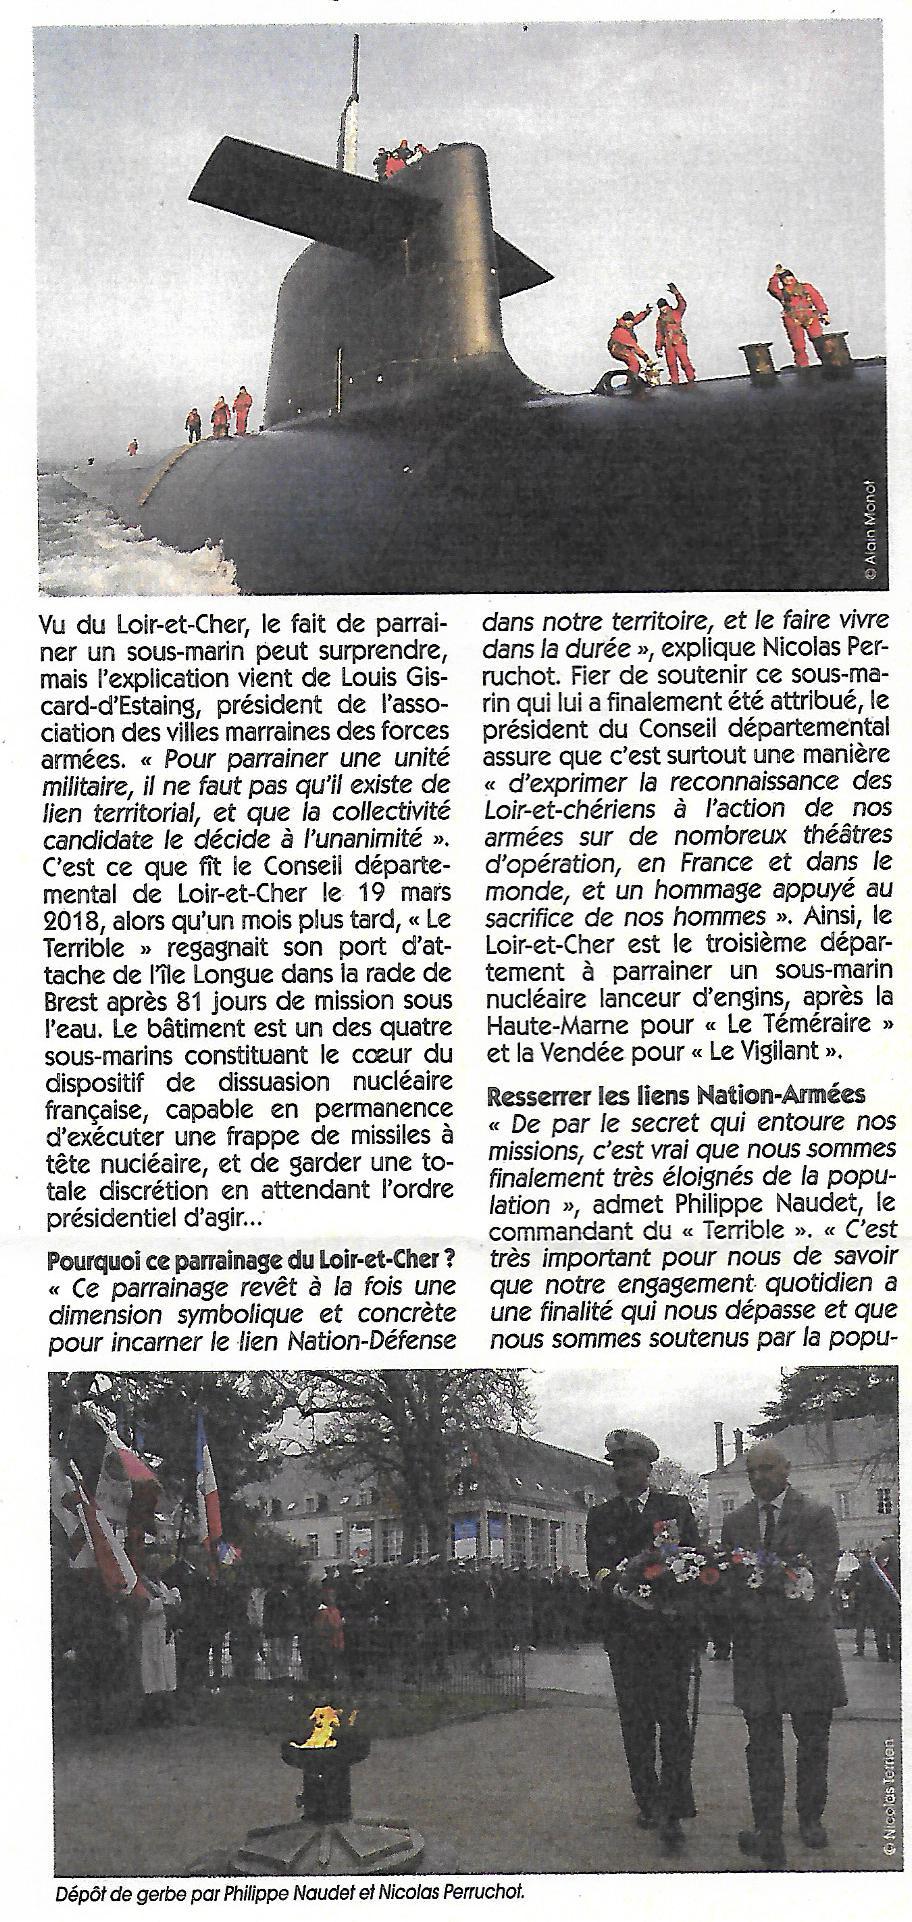 [Les traditions dans la Marine] Les Villes Marraines - Page 14 Scan_625